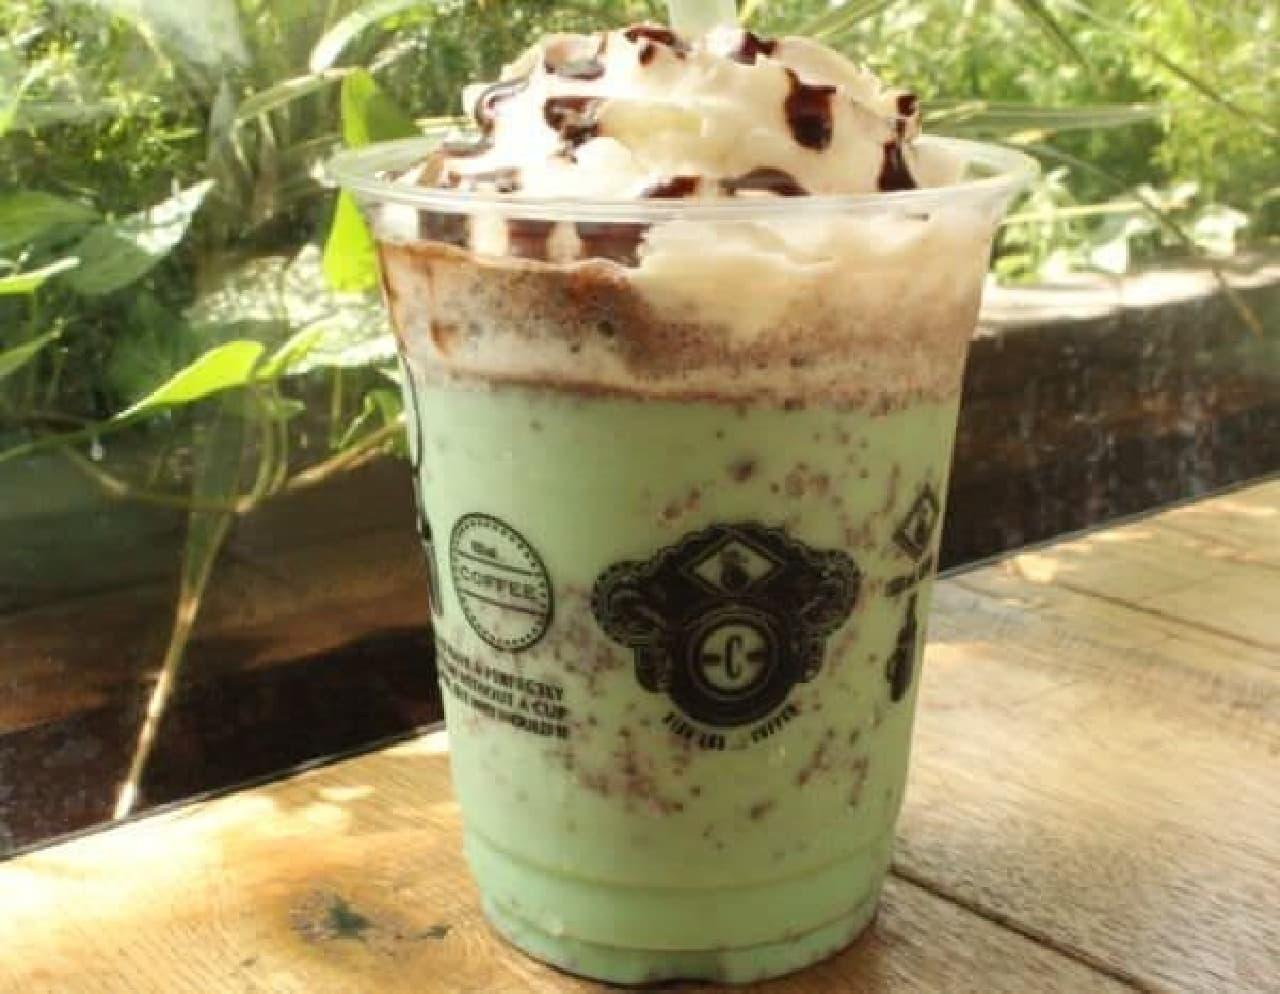 「チョコミントスムージー」はミルクベースのスムージーにペパーミントのシロップとチョコレートがミックスされた一品